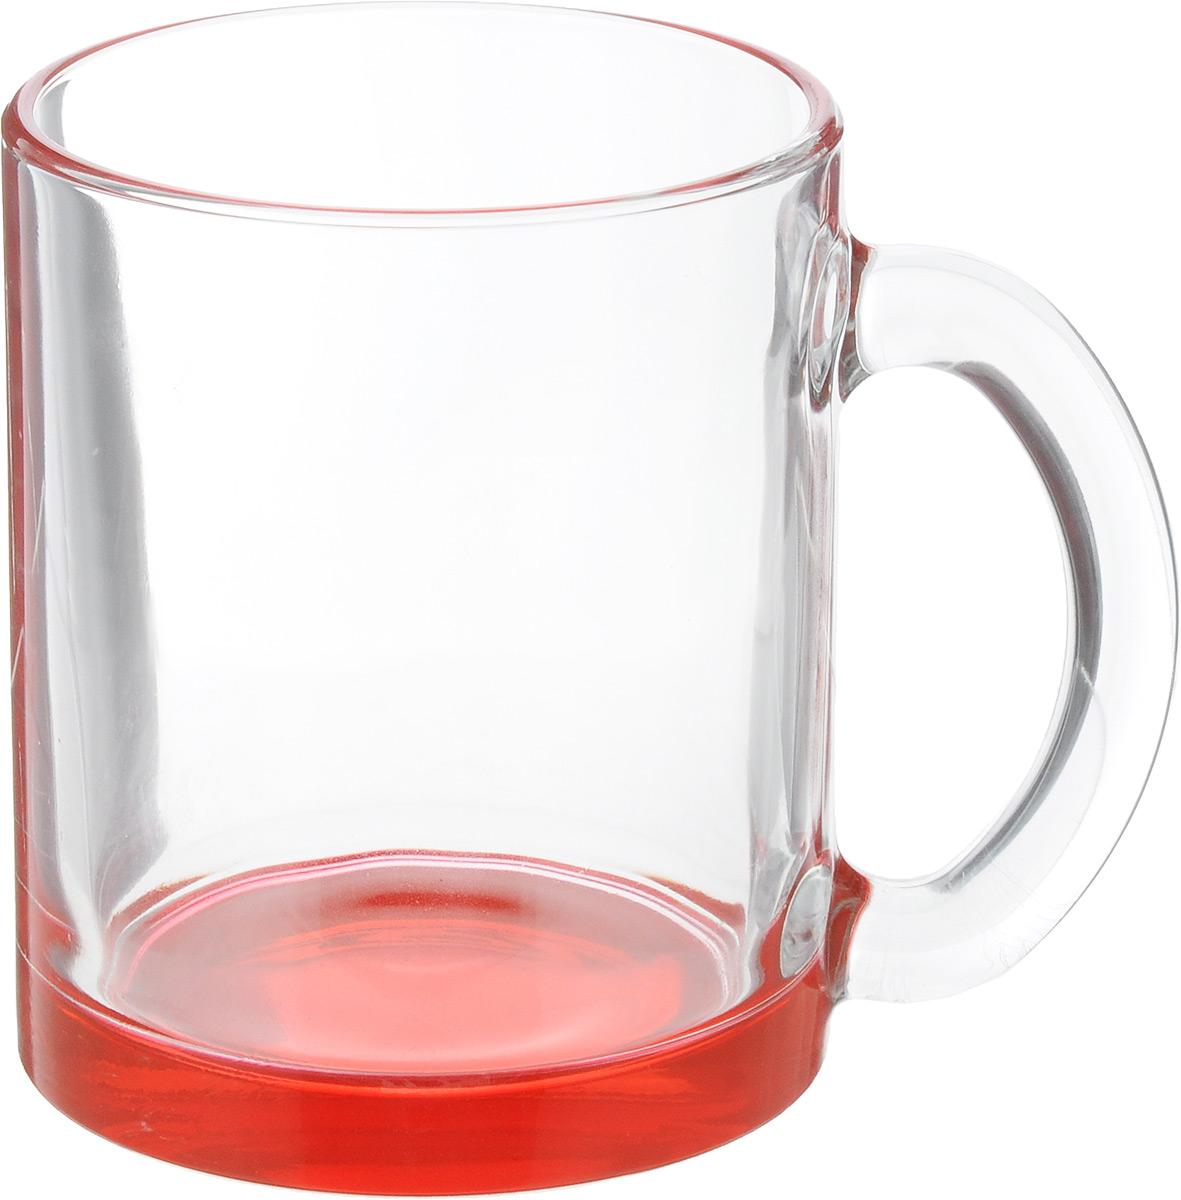 Кружка OSZ Чайная, цвет: прозрачный, красный, 320 мл04C1208LM_прозрачный, красныйКружка OSZ Чайная изготовлена из стекла двух цветов. Изделие идеально подходит для сервировки стола. Кружка не только украсит ваш кухонный стол, но и подчеркнет прекрасный вкус хозяйки. Диаметр кружки (по верхнему краю): 8 см. Высота кружки: 9,5 см. Объем кружки: 320 мл.